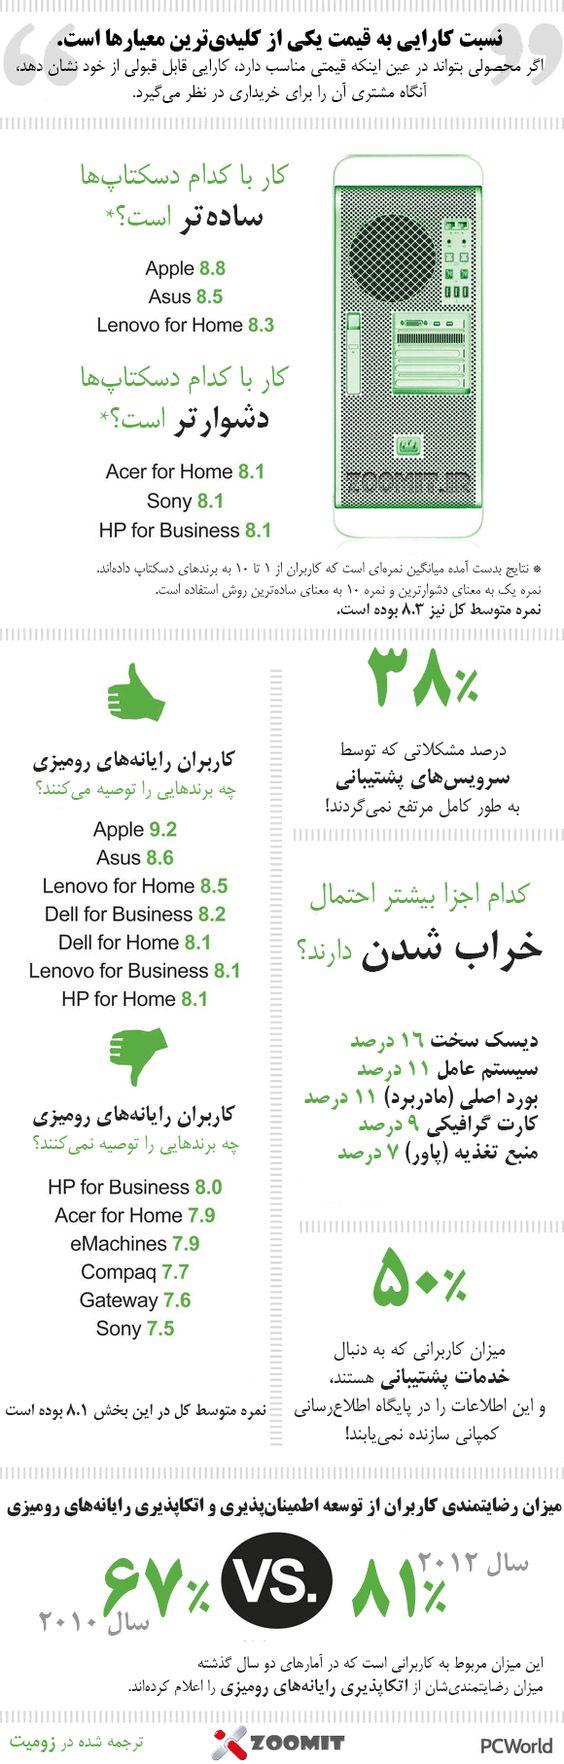 برتری رایانههای رومیزی اپل و لنوو در کسب رضایتمندی کاربران #اینفوگرافیک http://zurl.ir/95249